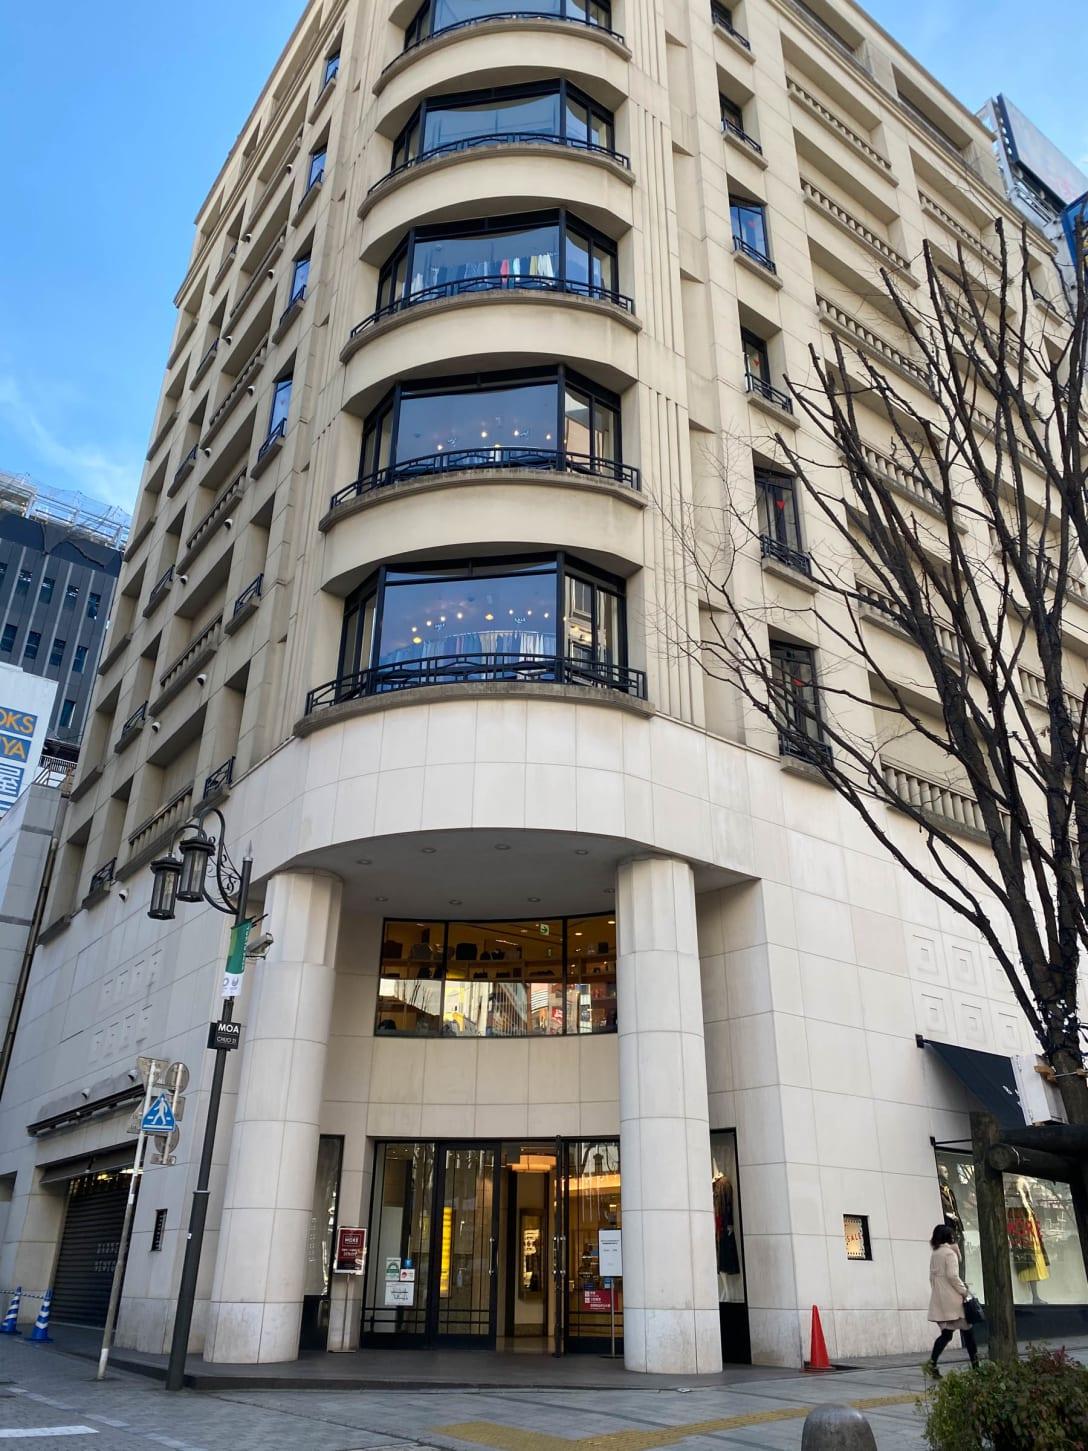 バーニーズ ニューヨーク新宿店 外観 Image by FASHIONSNAP.COM